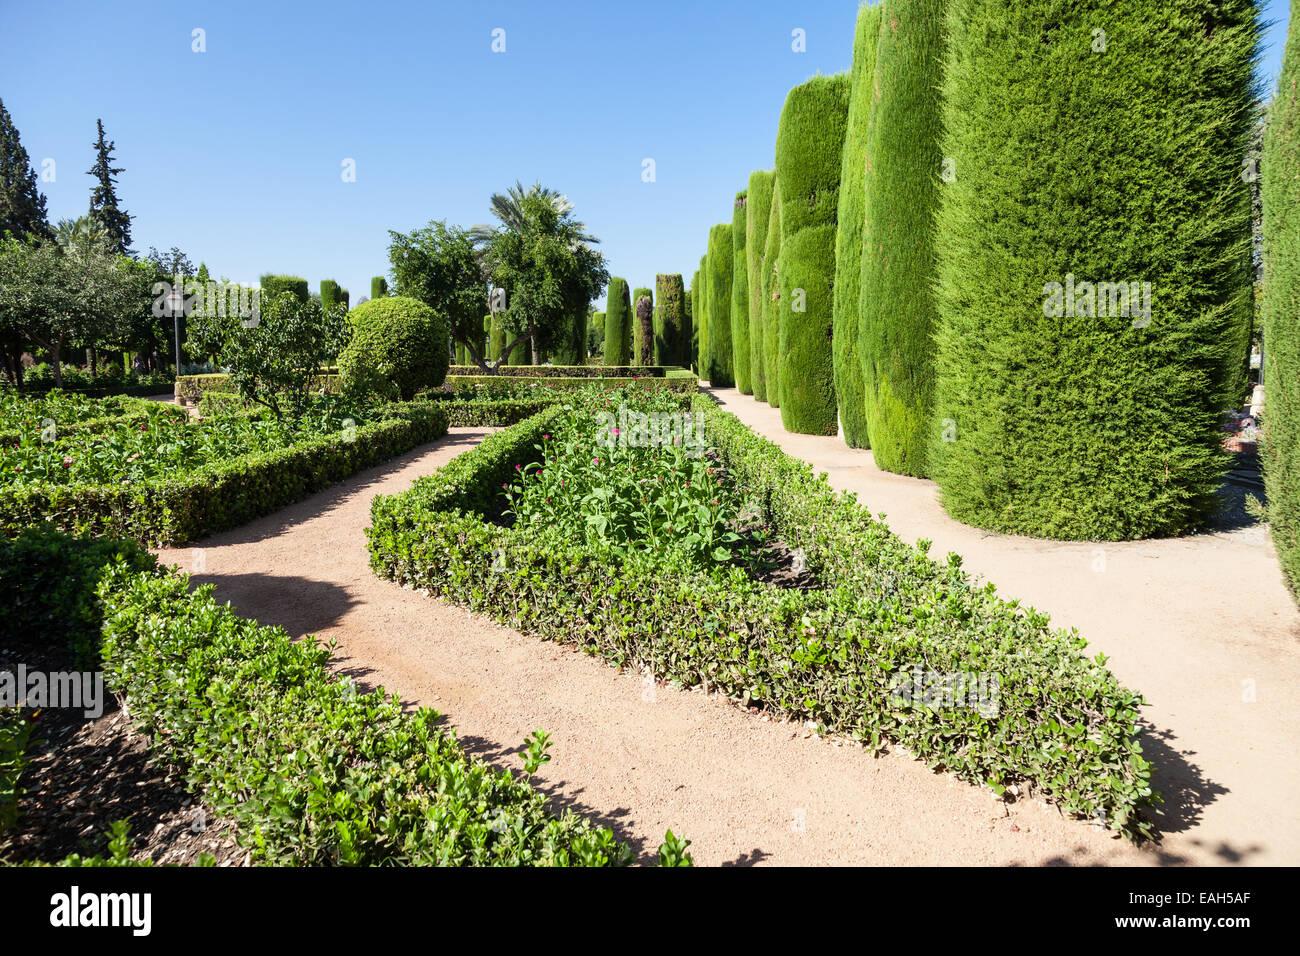 Example Of Italian Garden Design During Spring Season